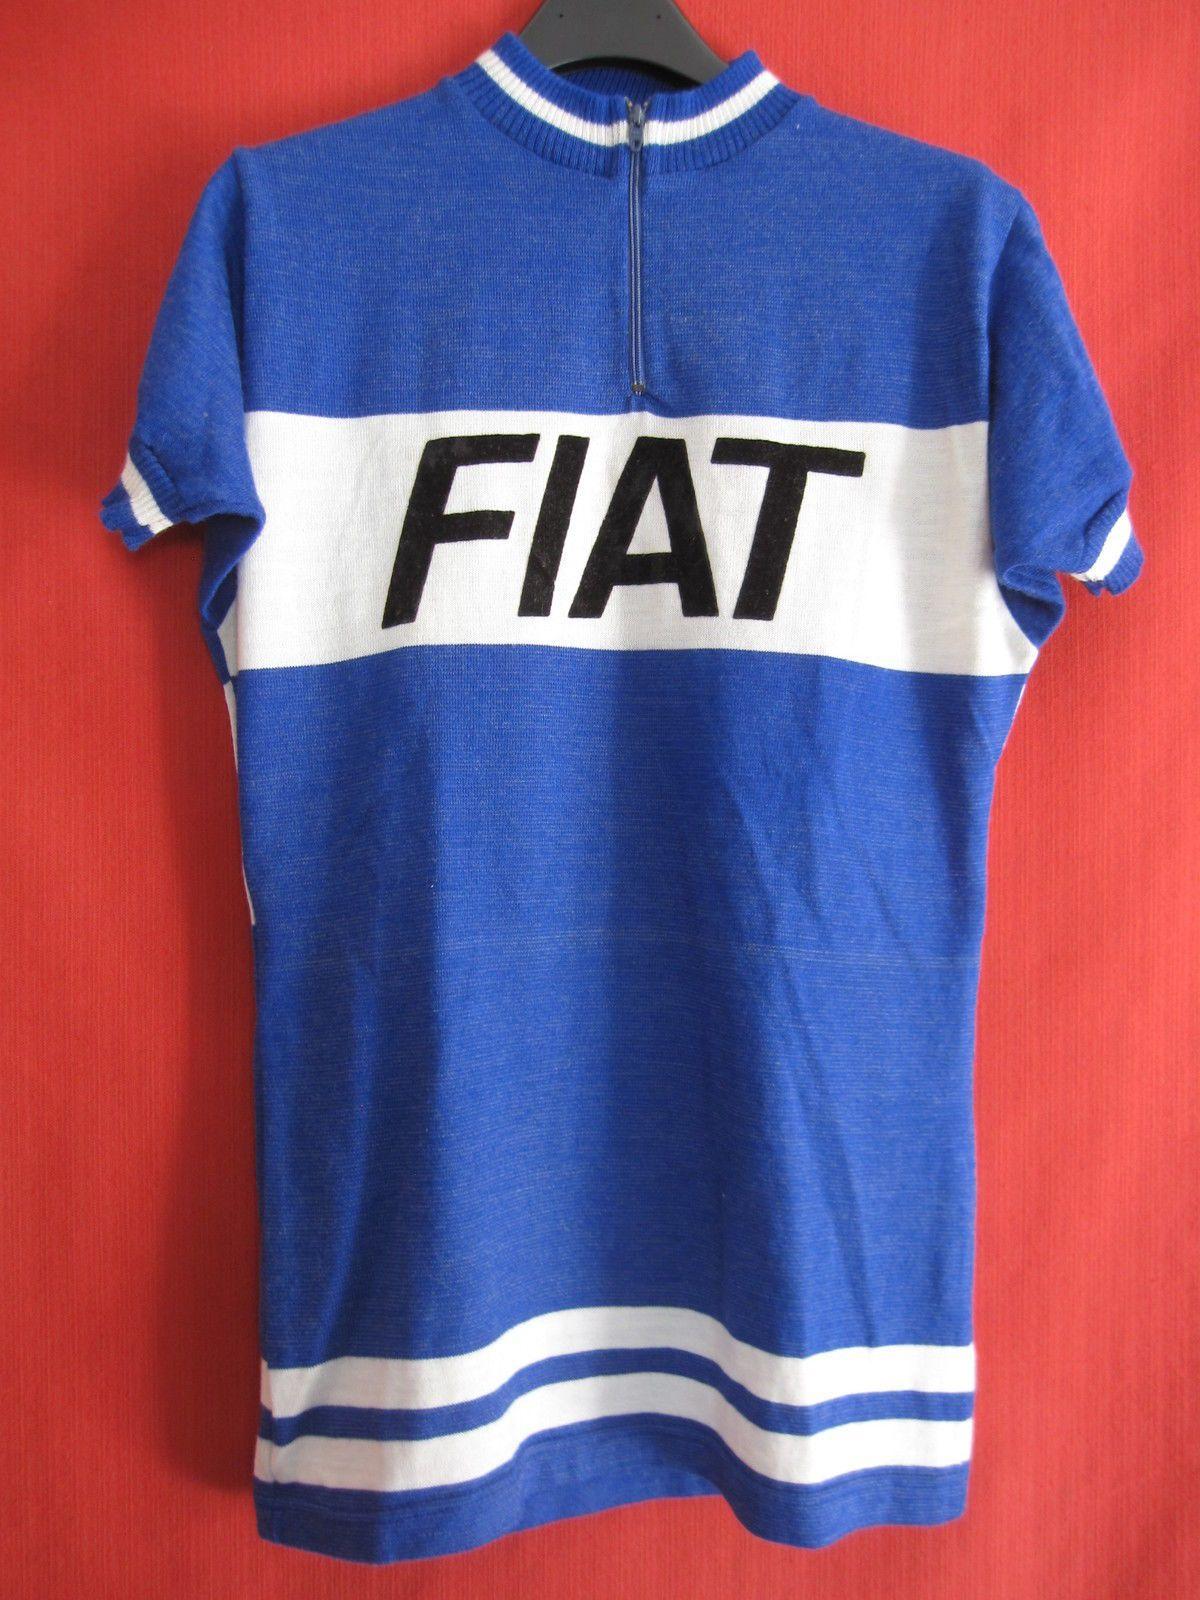 Maillot cycliste FIAT Tour de France 1978 Acrylique Jersey Vintage - M  14e919248